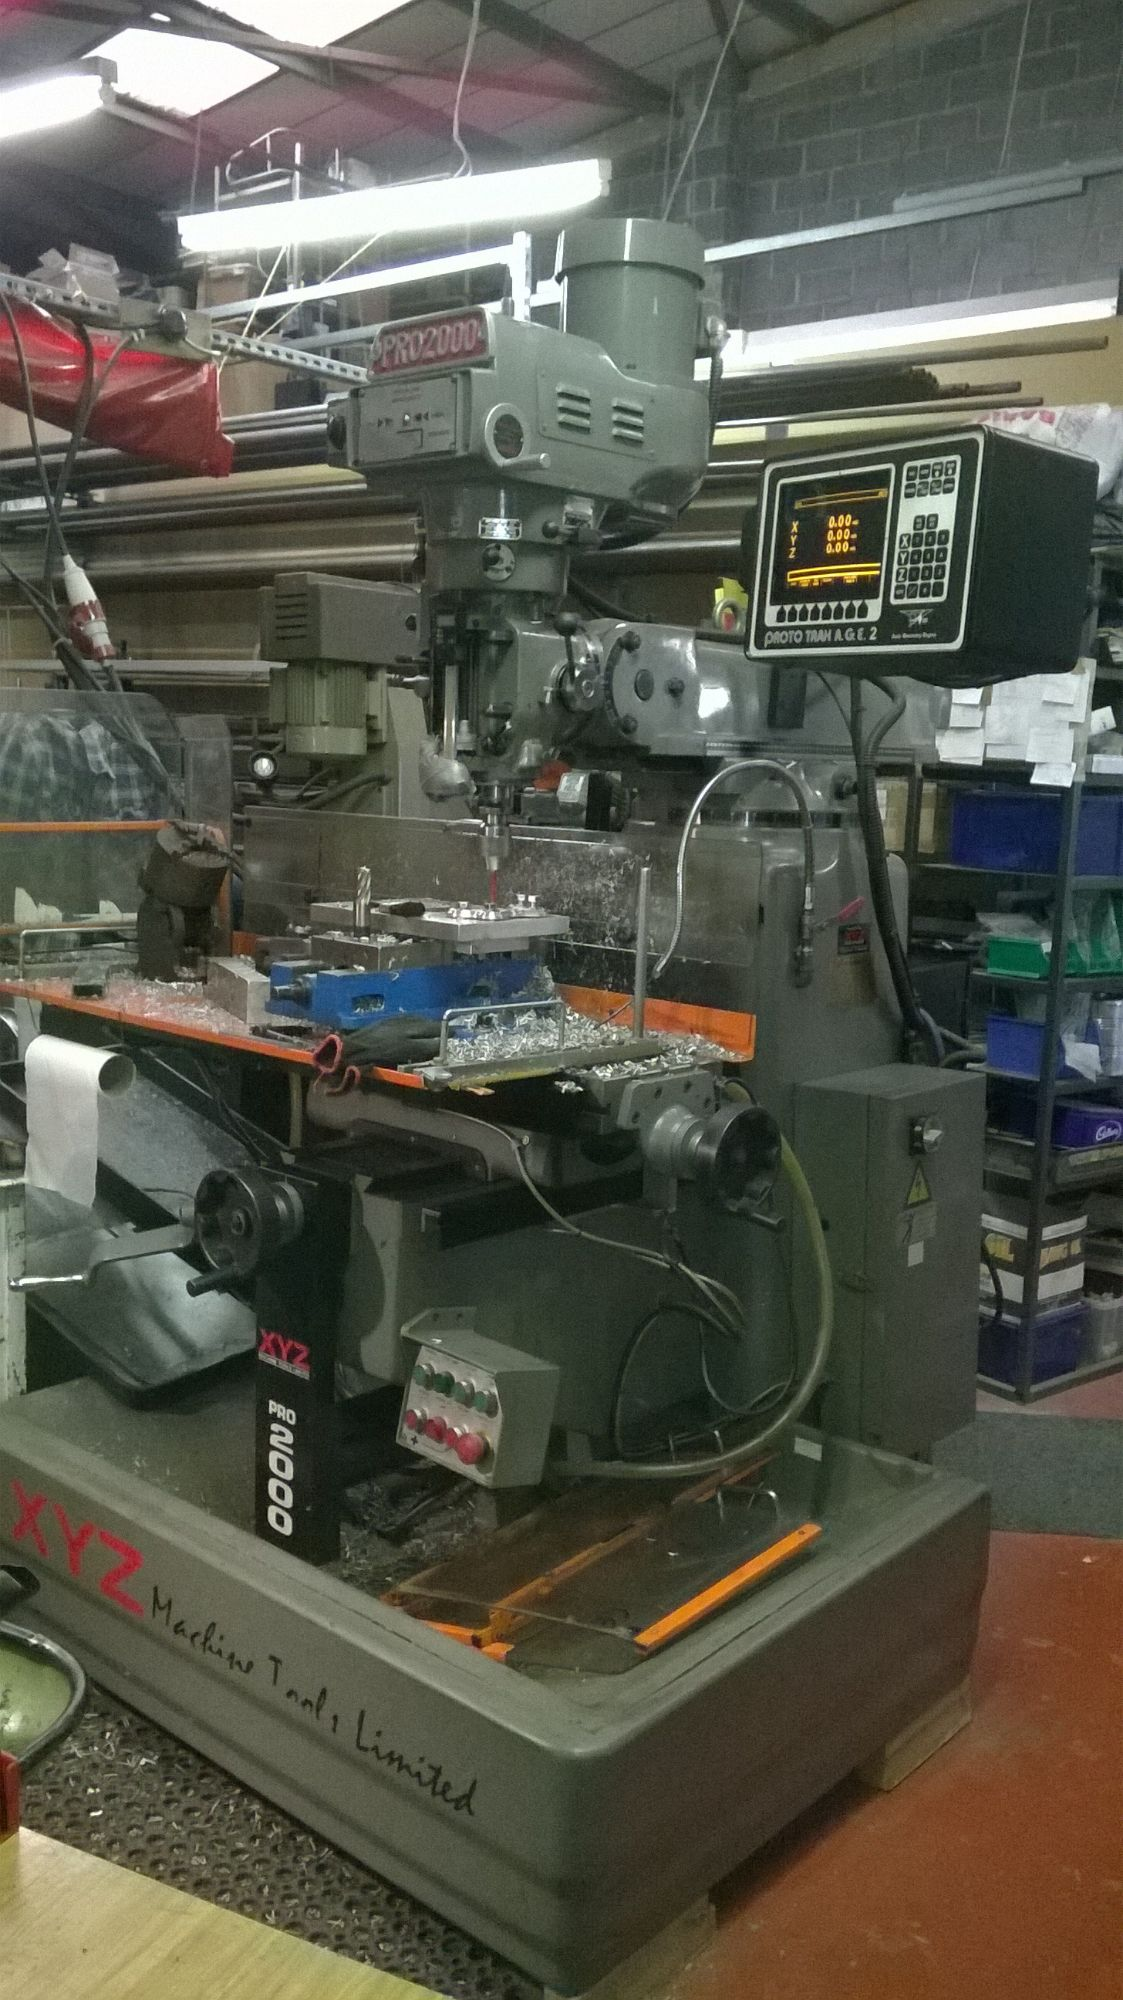 Xyz Proto Trak Age Pro 2000 Cnc 2 Axis Milling Machine 3 Phase Wiring X Y Z